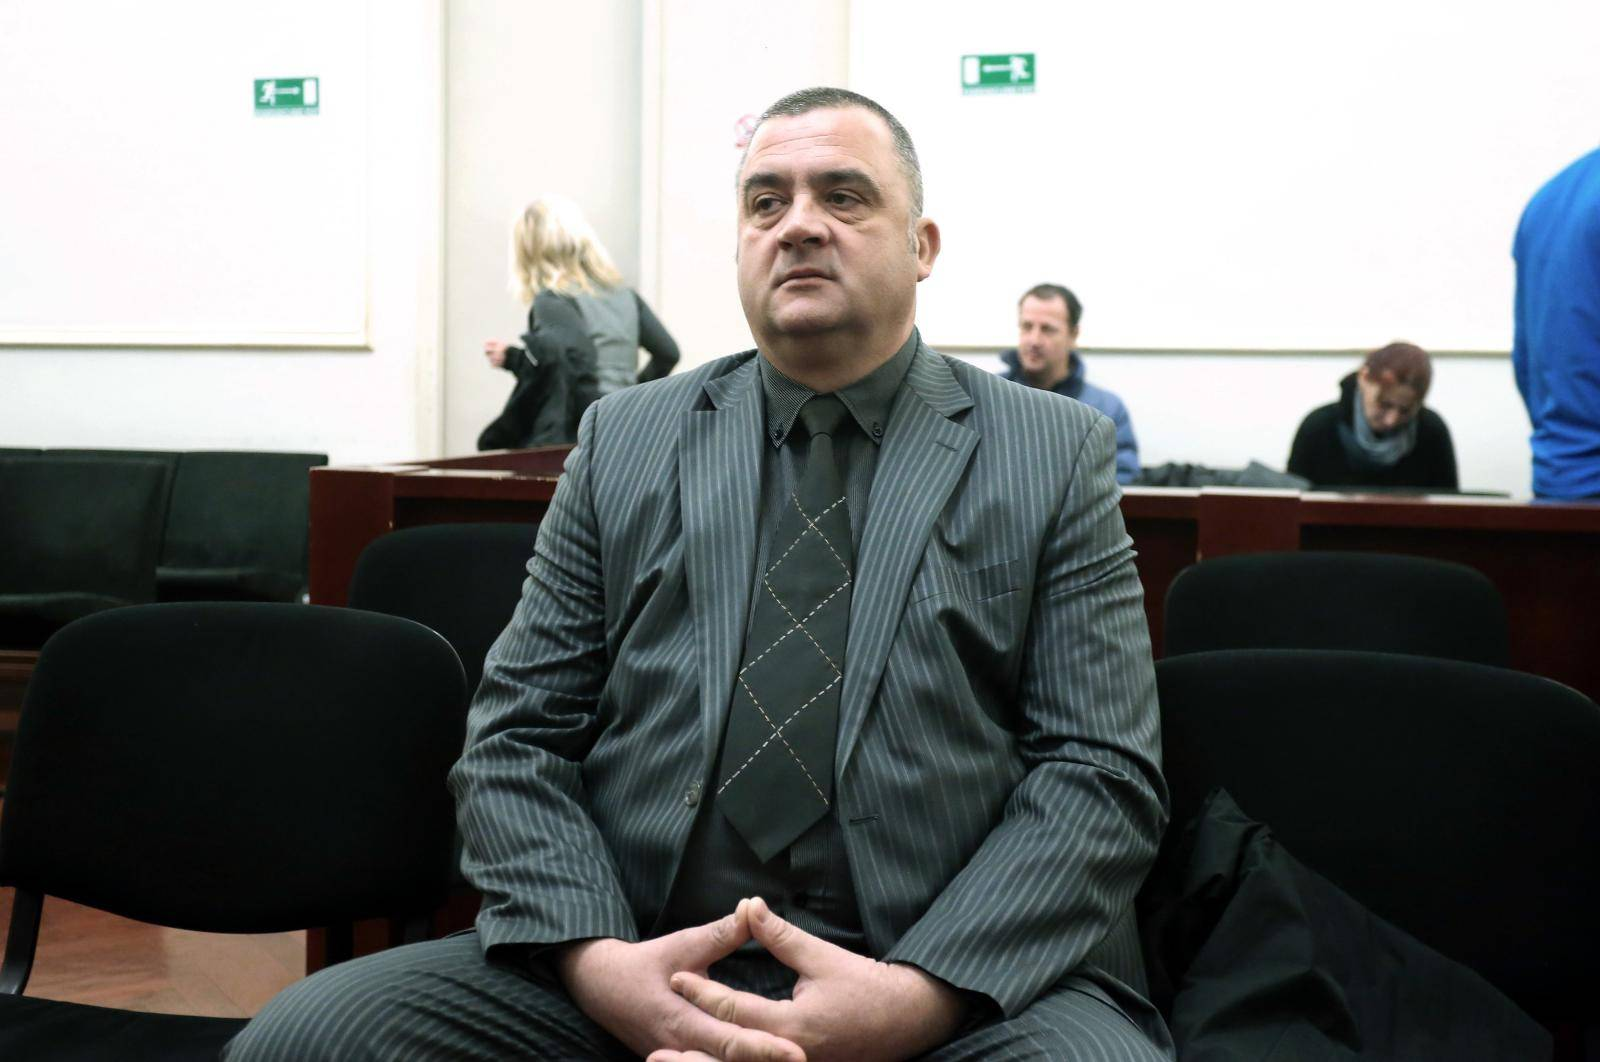 'Kitarović je izvršila izravan utjecaj na rad Vrhovnog suda'